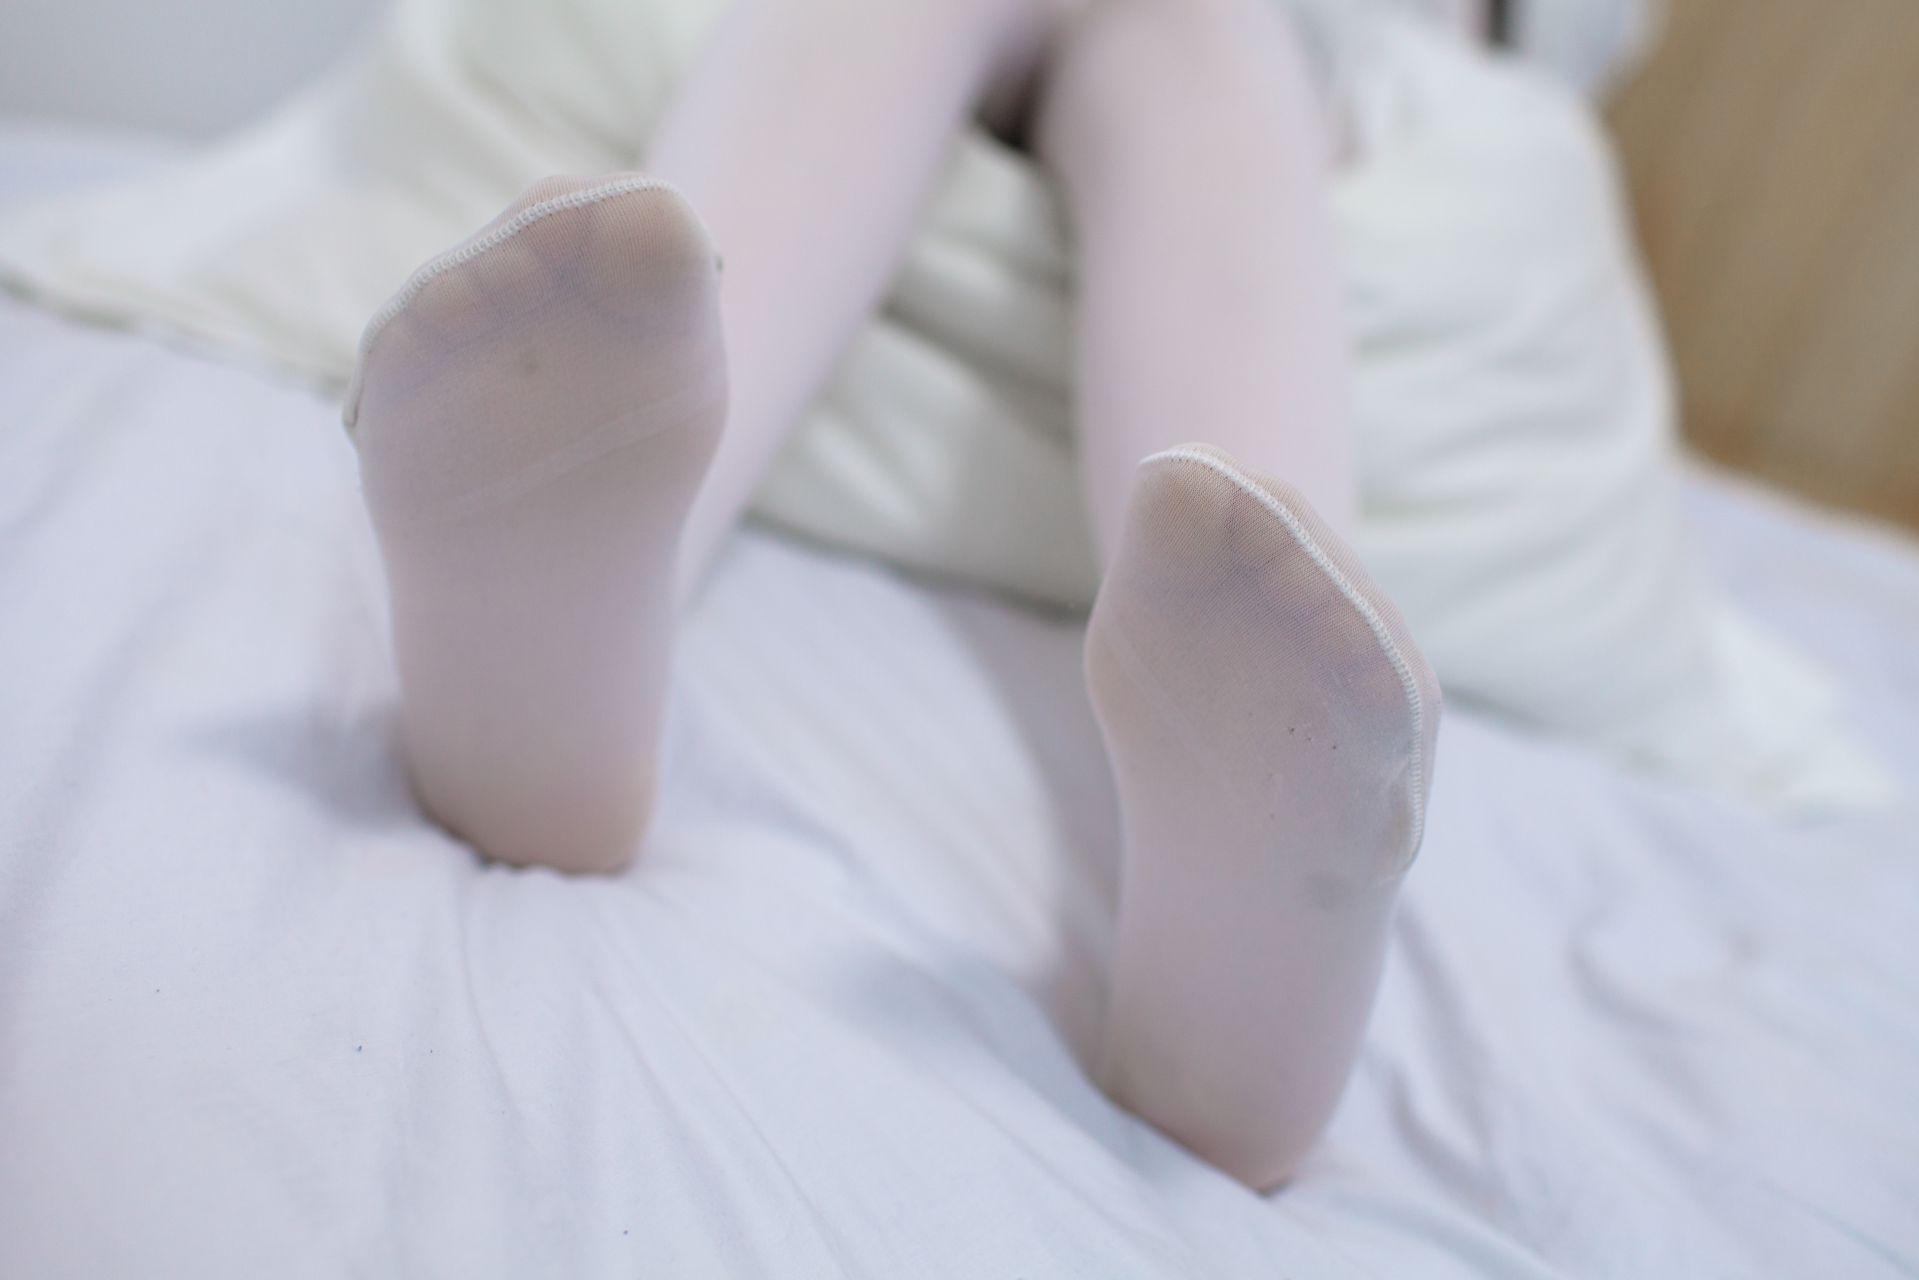 少女秩序 EXVOL.03 私房白丝美腿 兔玩映画 第28张